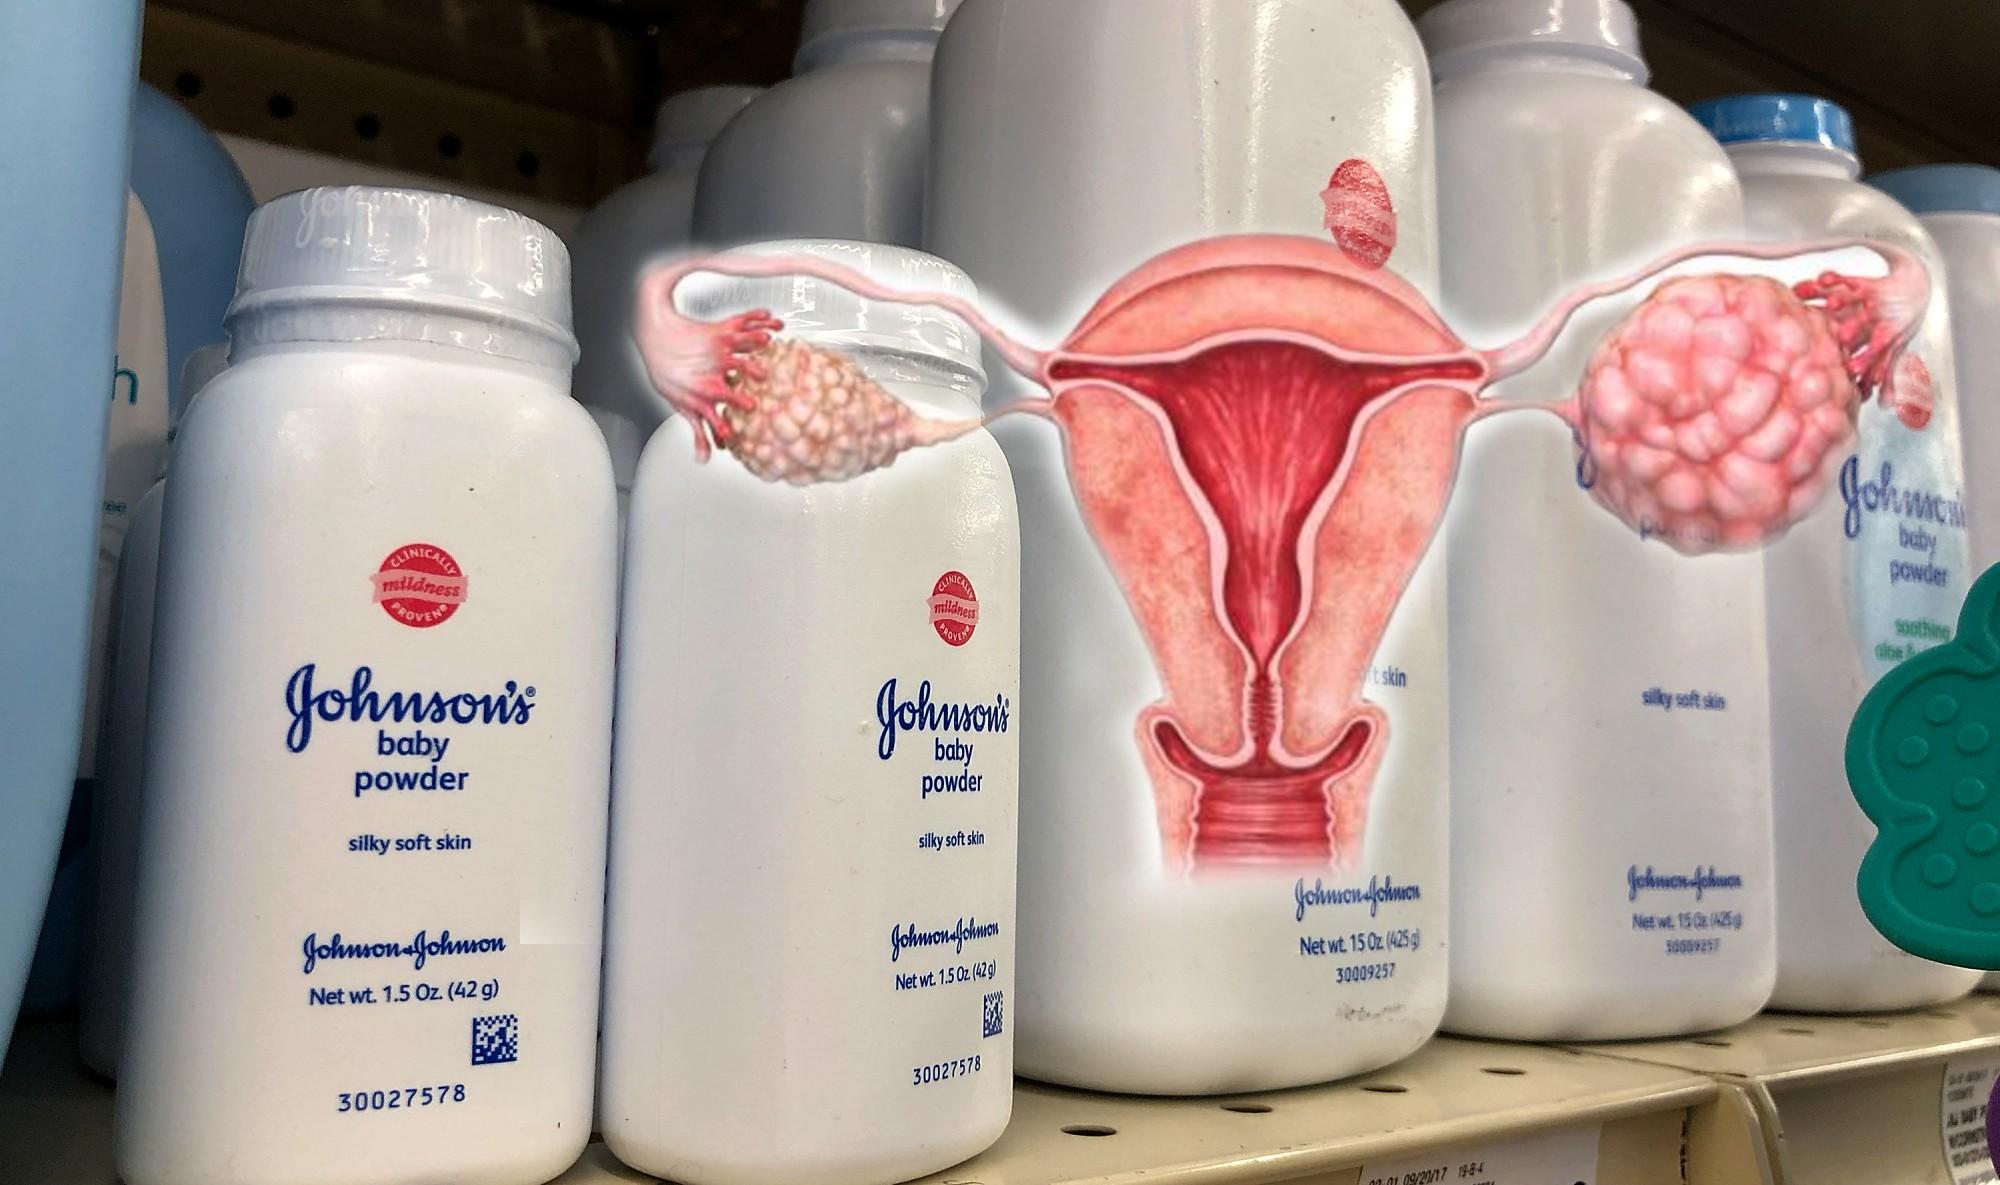 Talco Johnson & Johnson causa cáncer de ovarios - La Poderosa del Huila